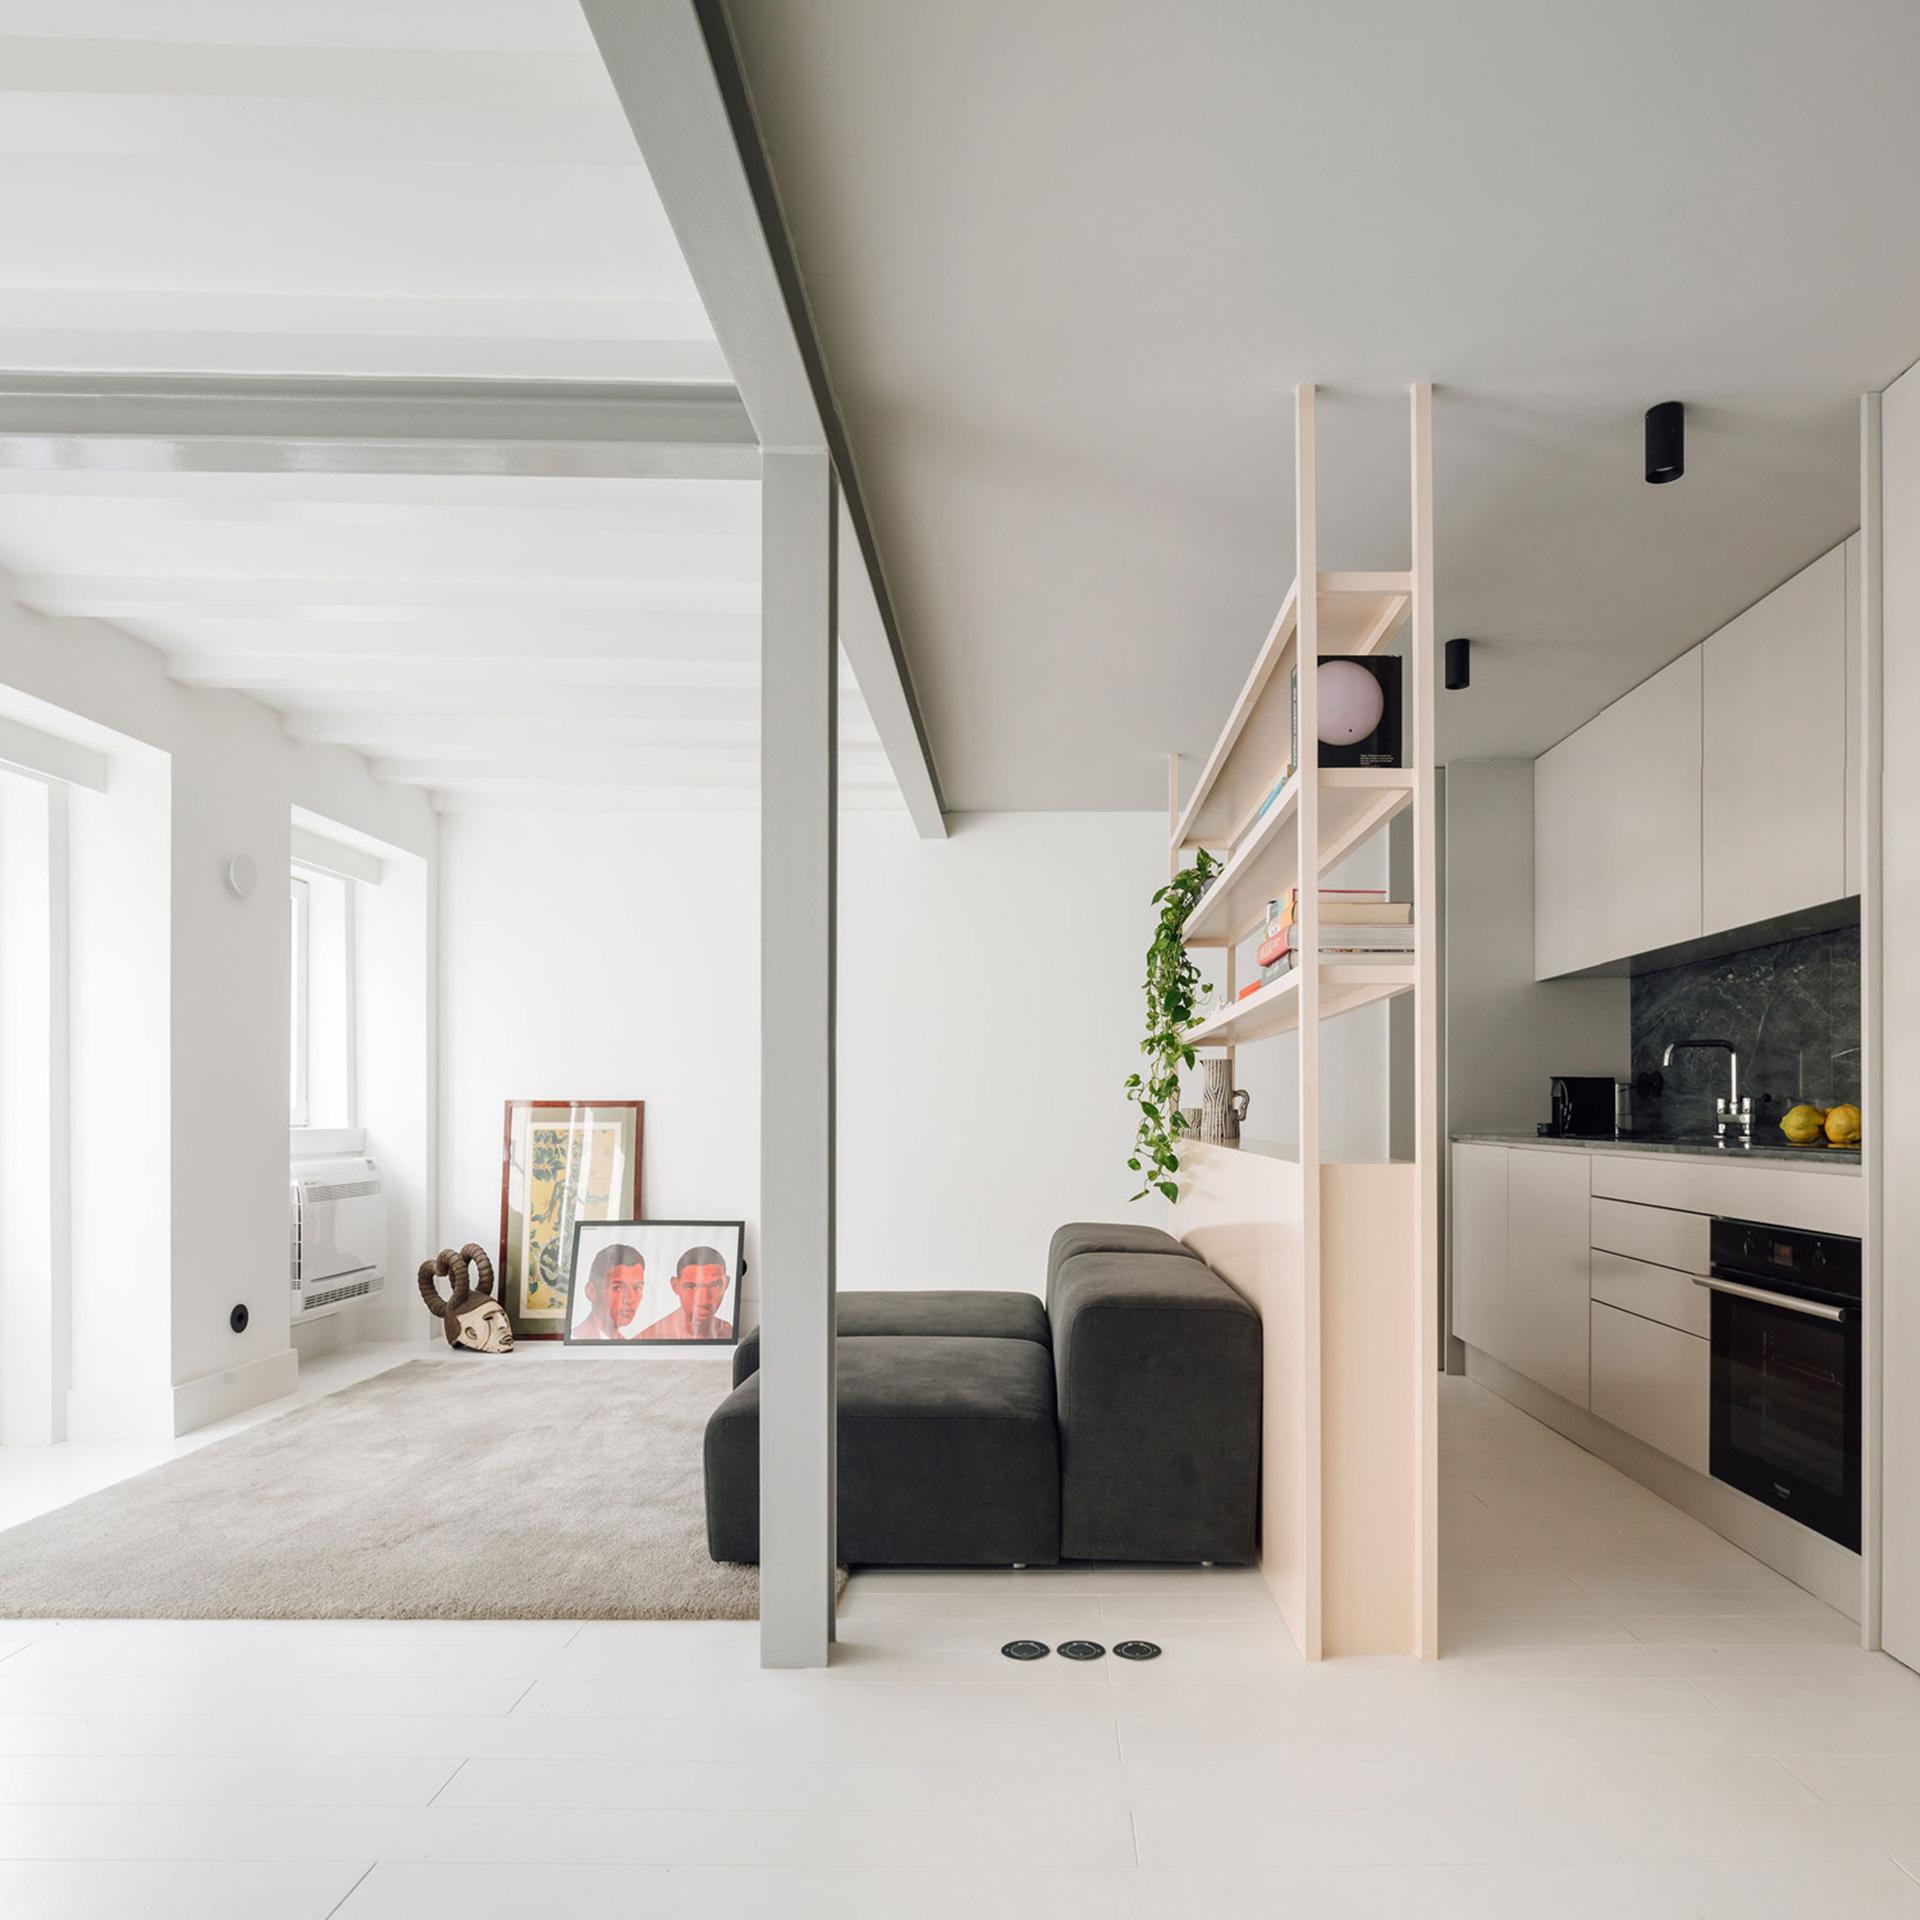 интерьер однокомнатной квартиры фото